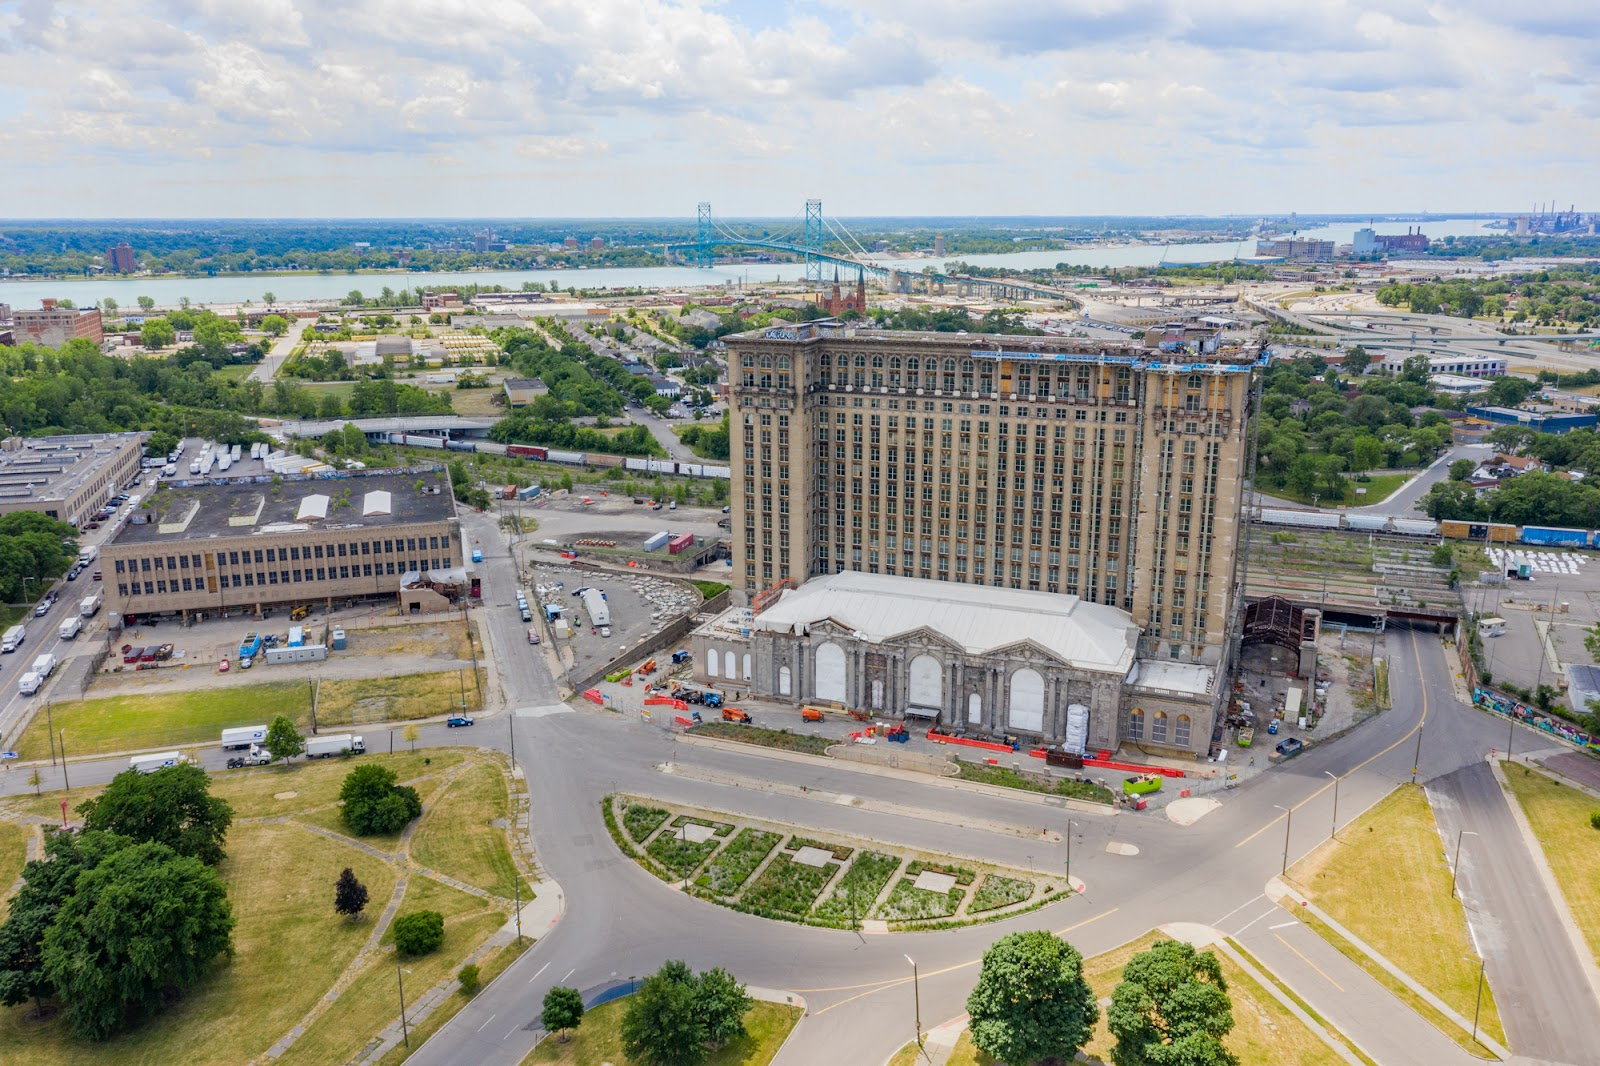 Corredor passará por pontos importantes, como a Michigan Central Station, na foto (Cavnue/Divulgação)